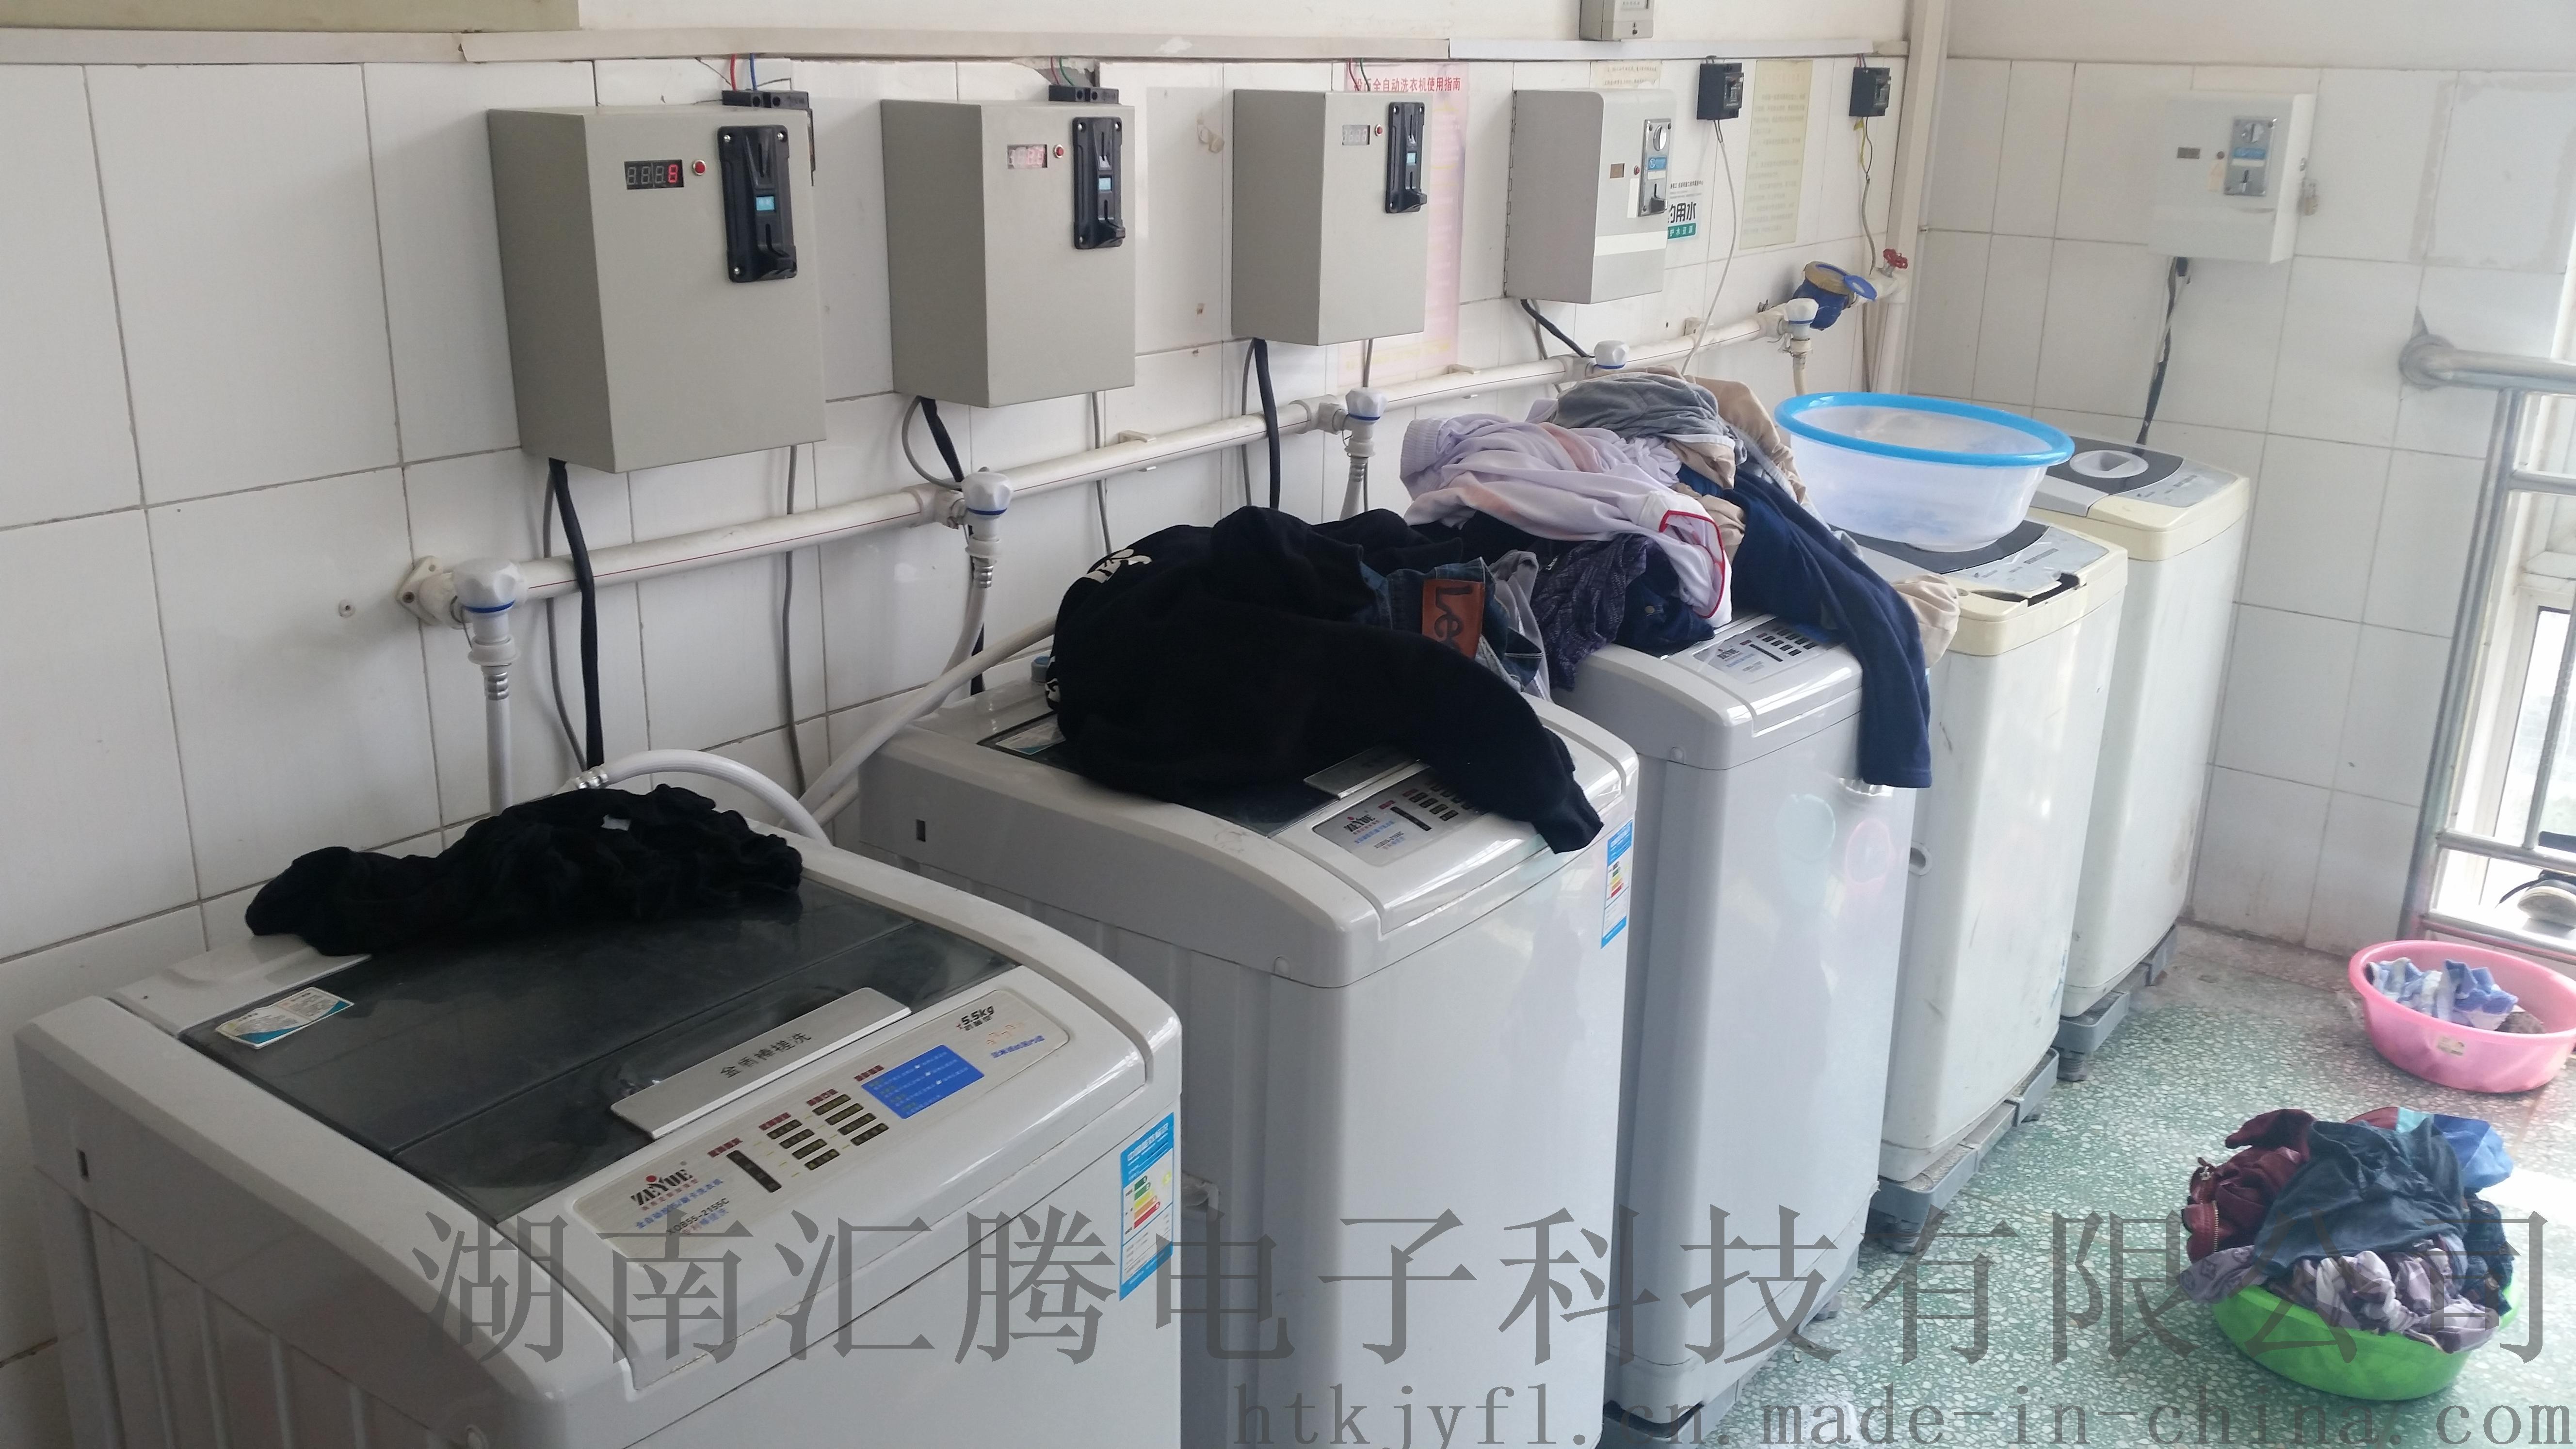 校園投幣洗衣機如何選擇?w739303782